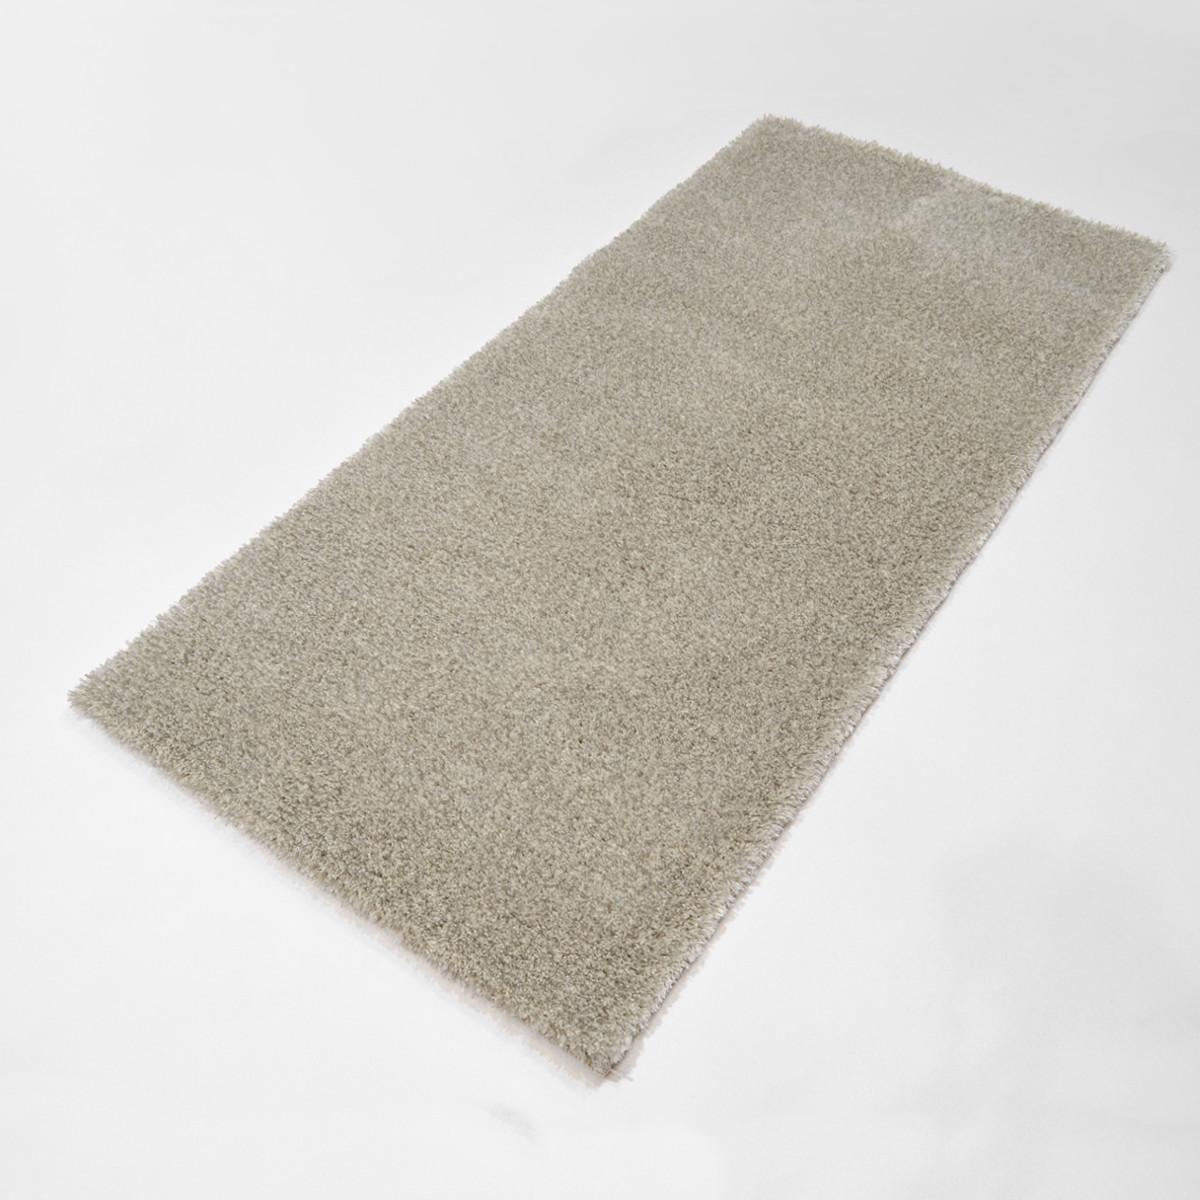 Spectrum 801 6656 alfombras lisas alfombras nelo Alfombras lisas